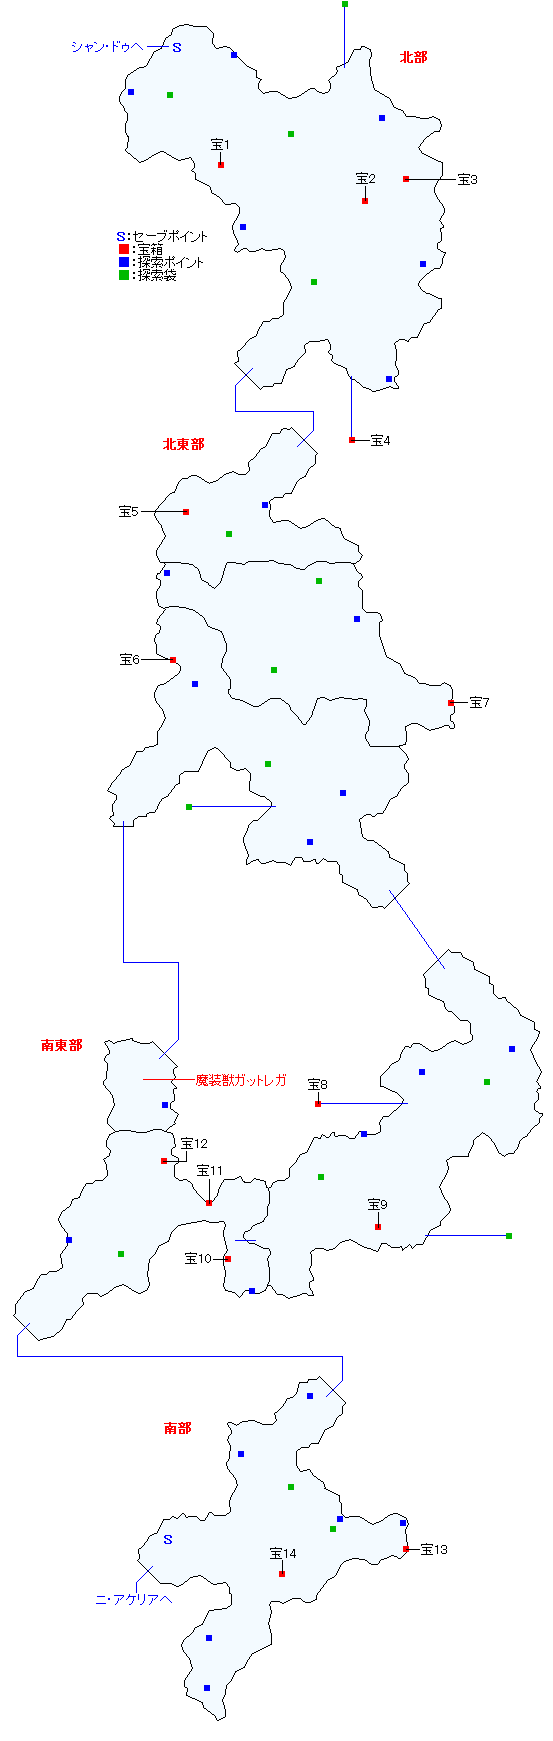 マップ画像・ソグド湿道(人間界)